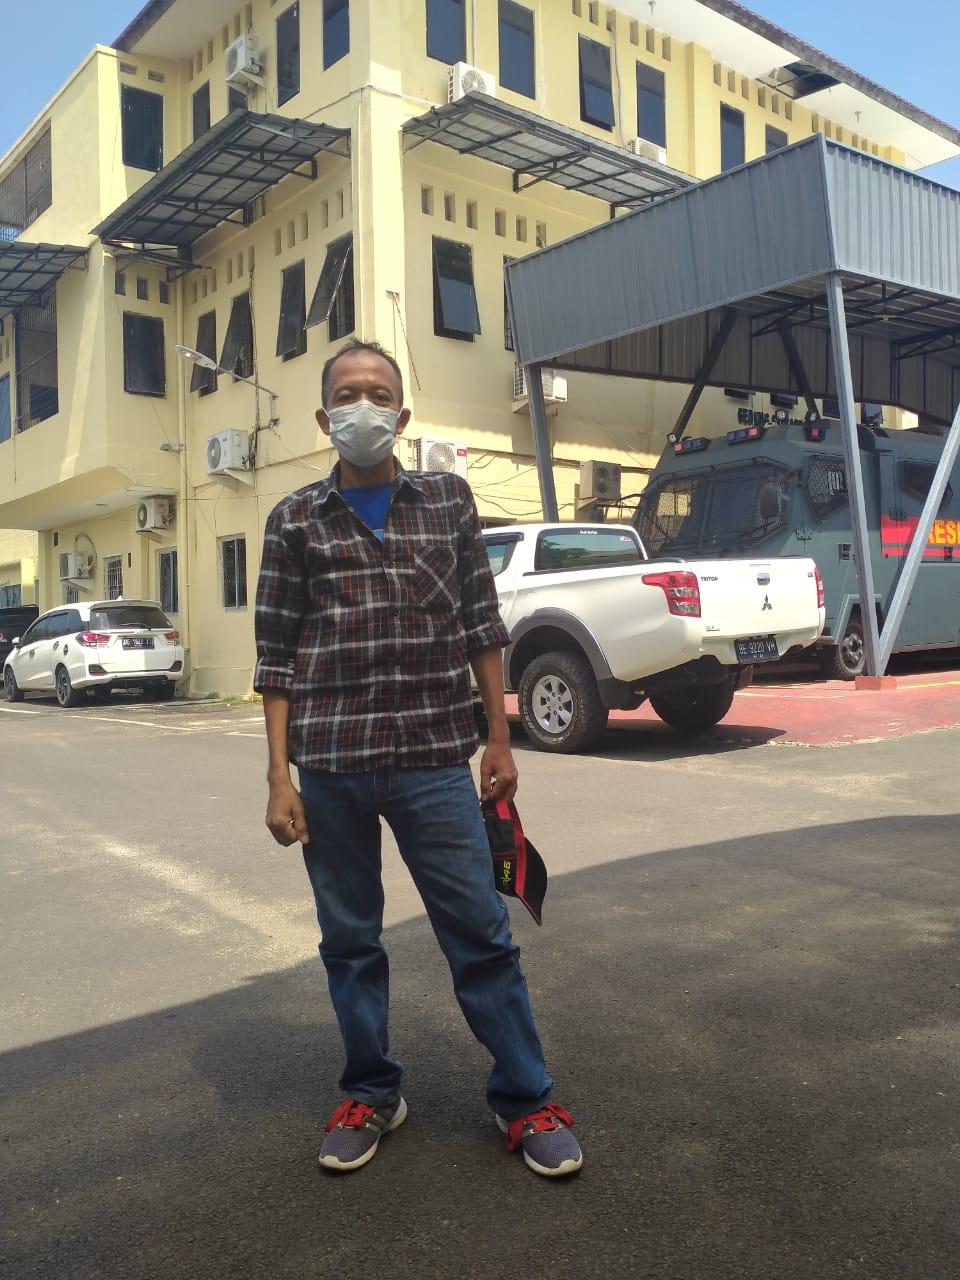 Surino Pertanyakan Prihal Laporannya di Polda Lampung